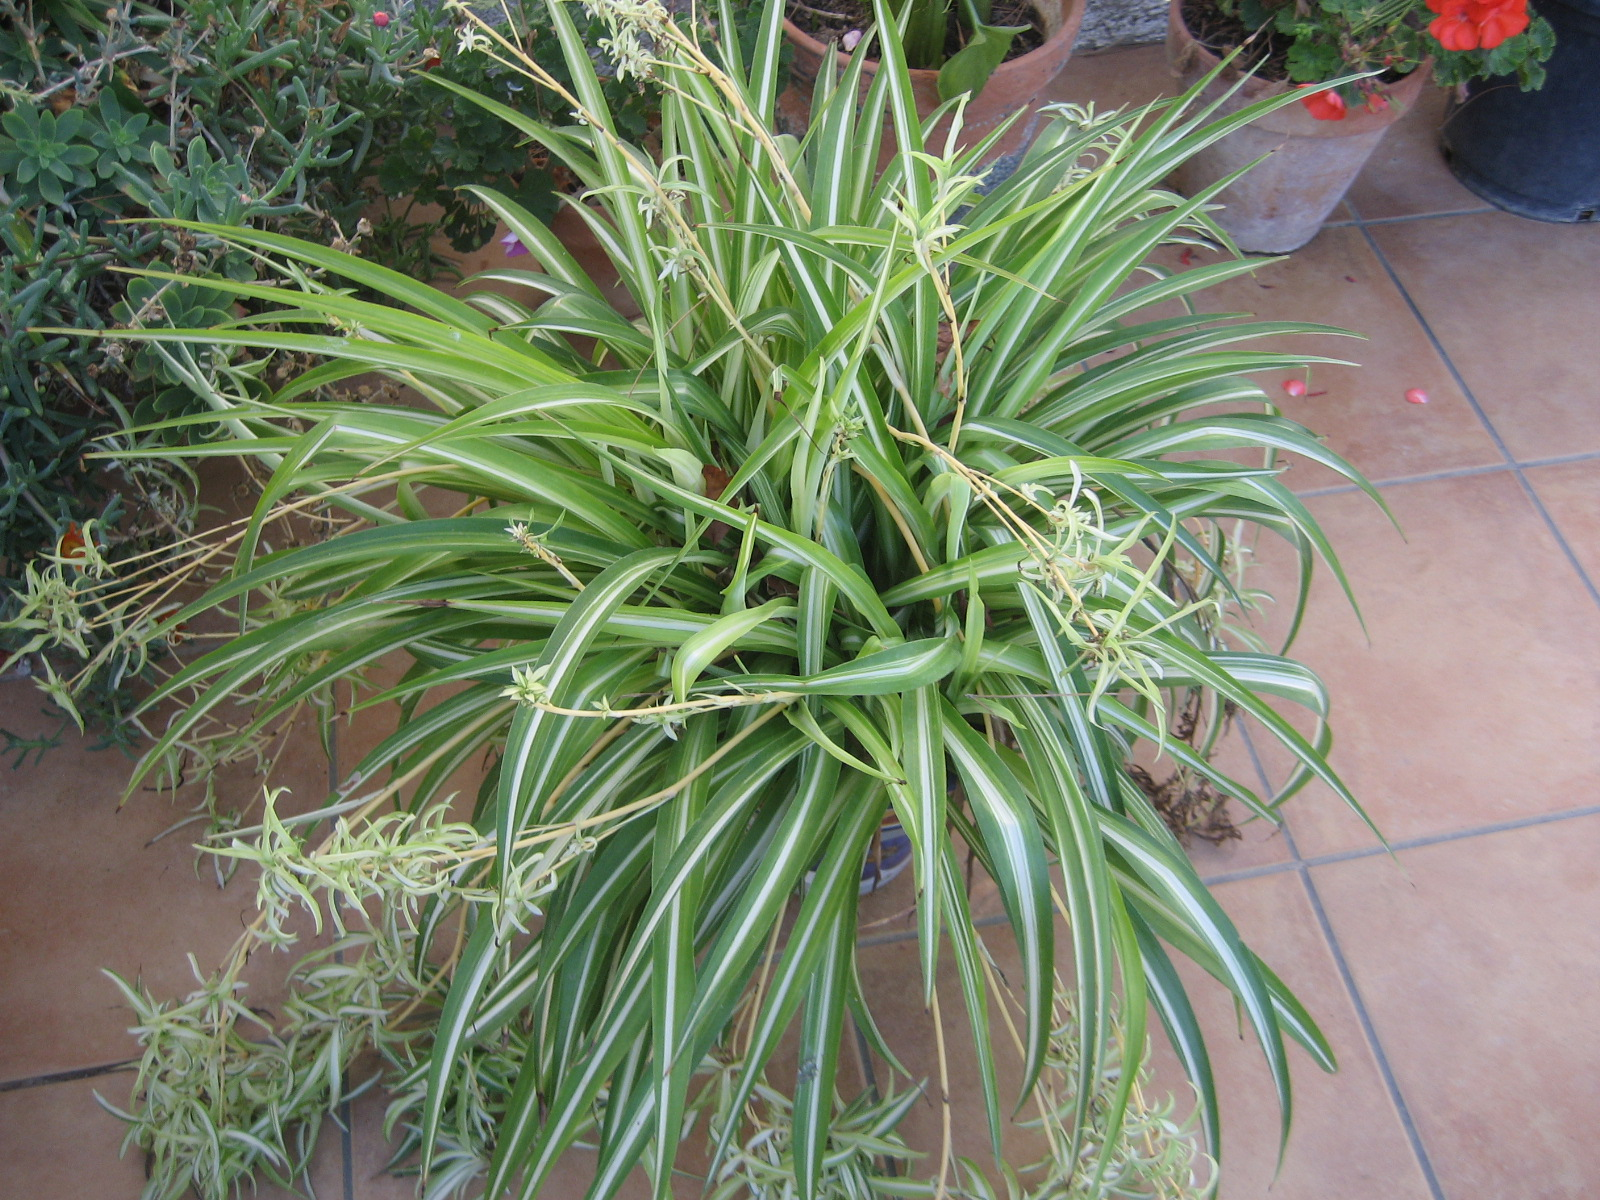 Plantas de exterior en maceta las plantas de exterior - Macetas de exterior ...